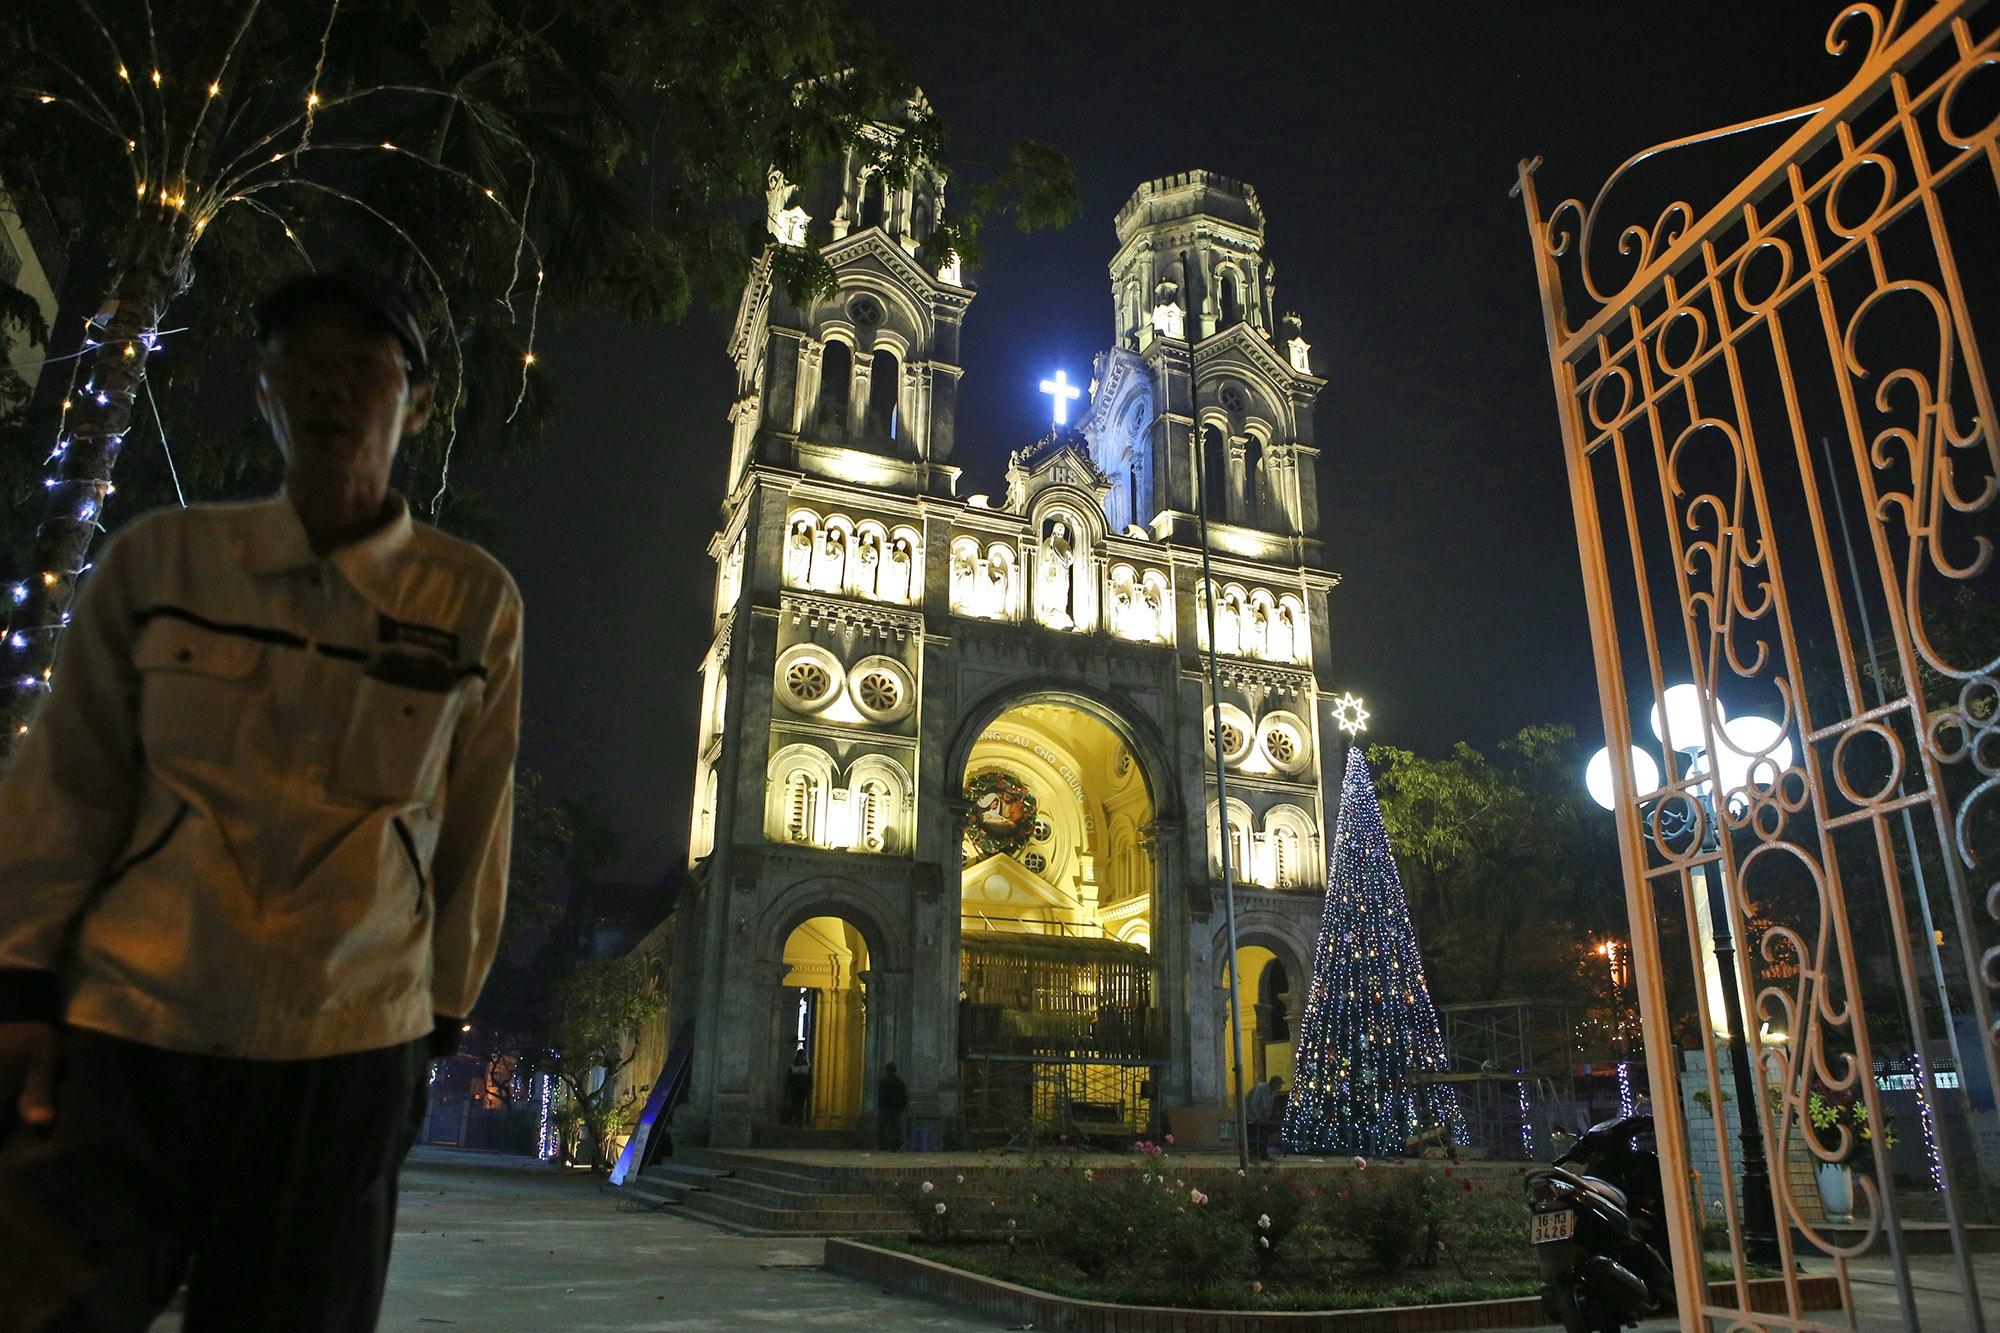 Các nhà thờ tại Hà Nội tỏa sáng lung linh chờ đón Noel 2019 - 4